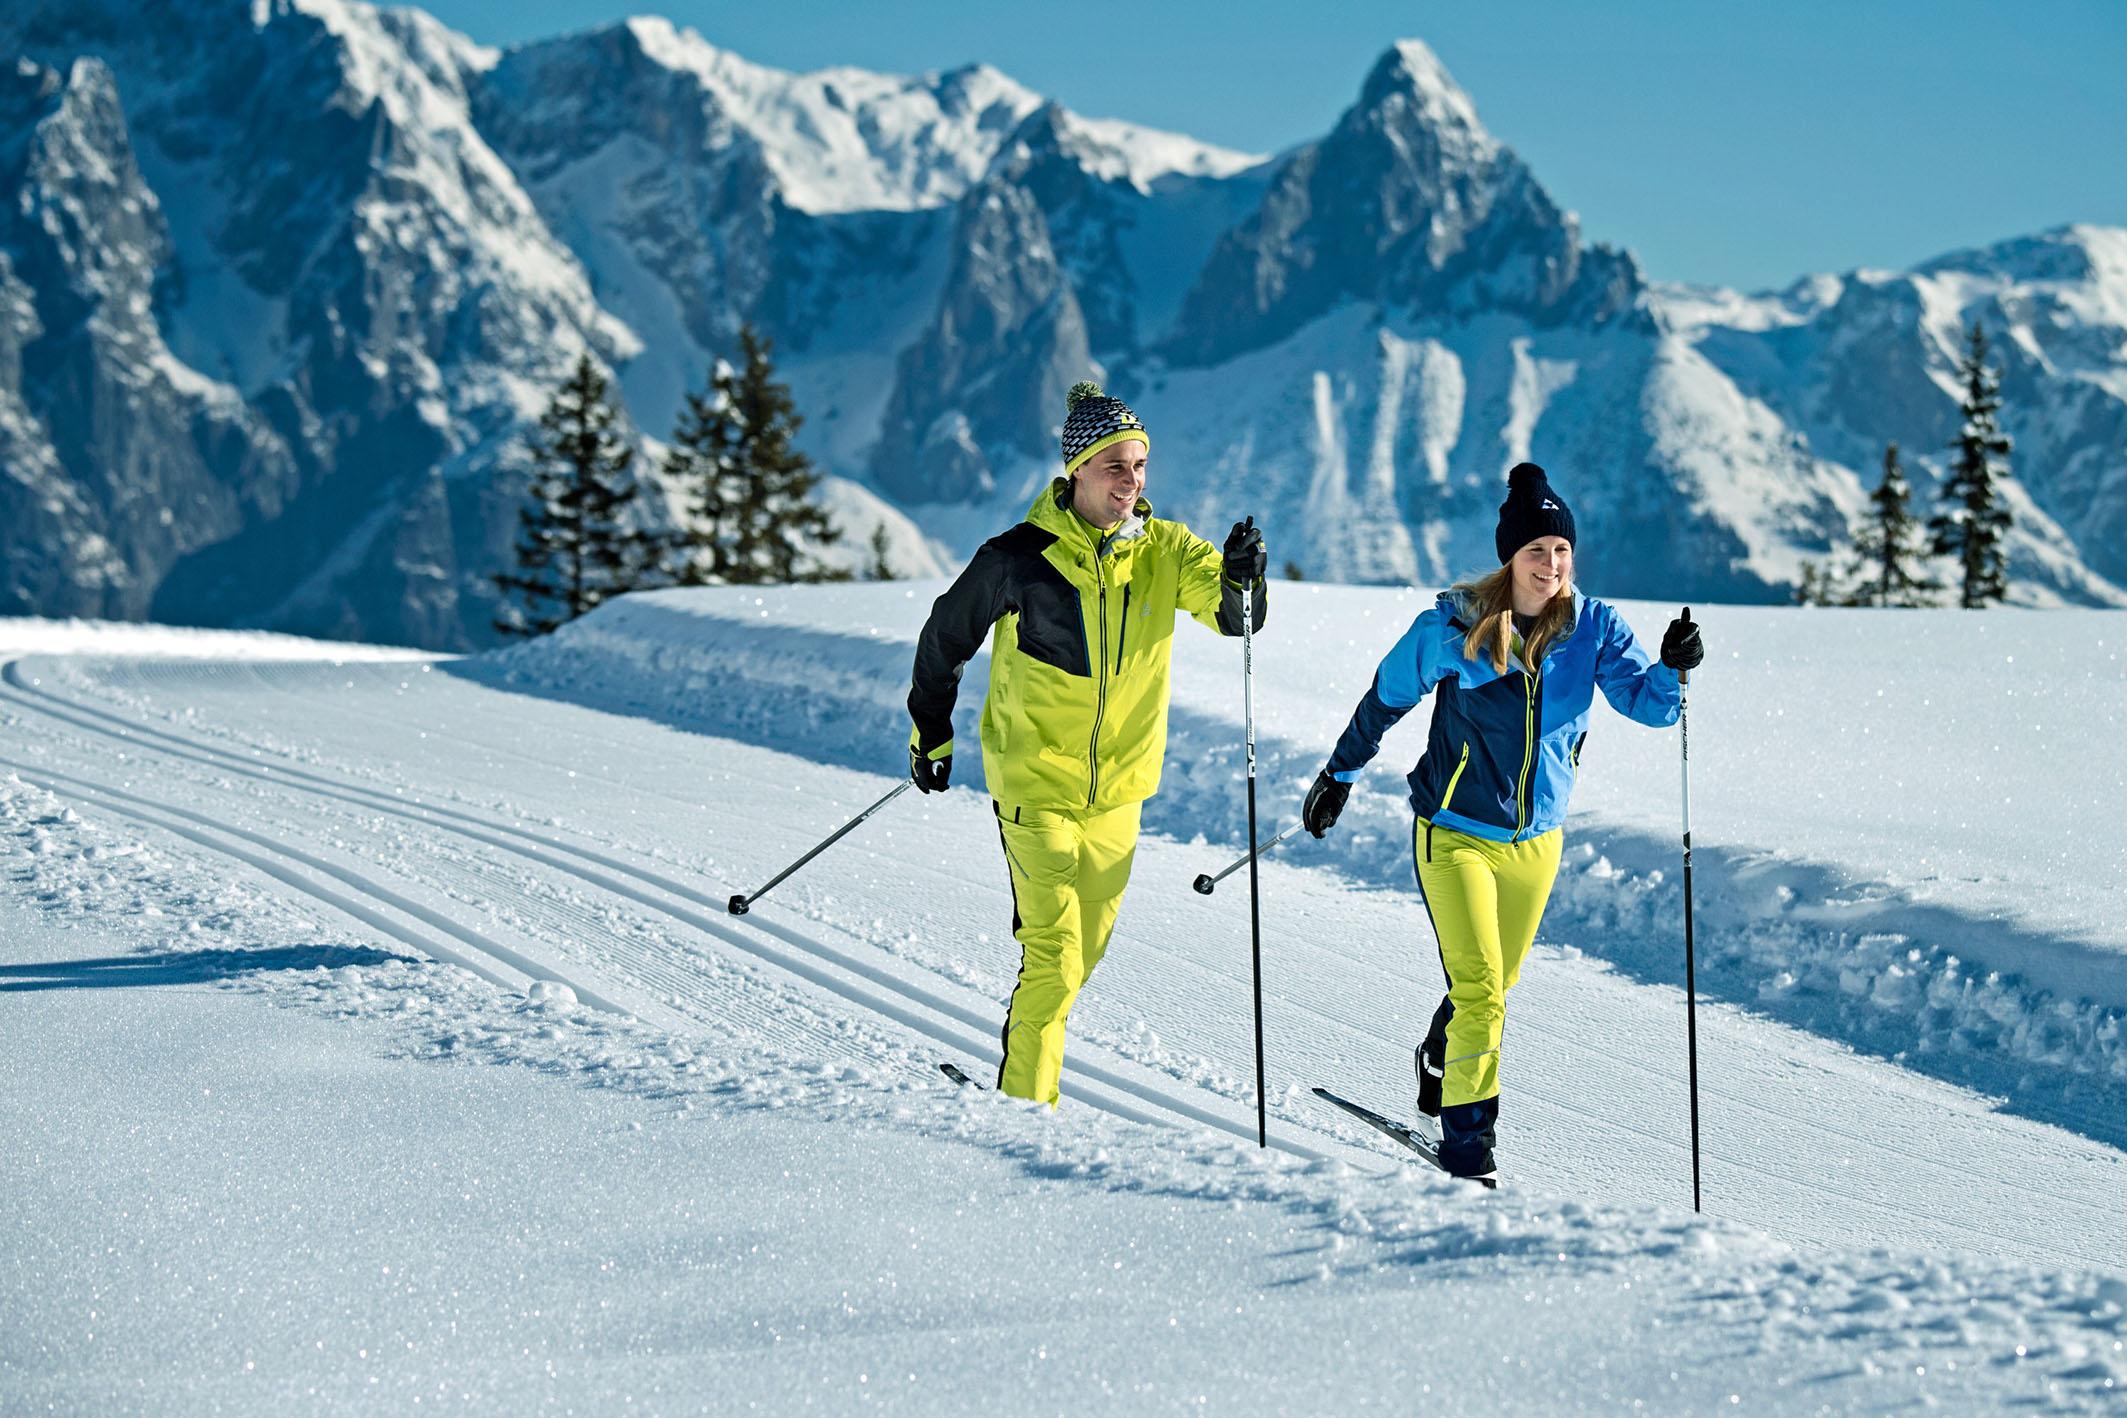 Klettersteig Set Ausborgen : Klettersteigset verleih